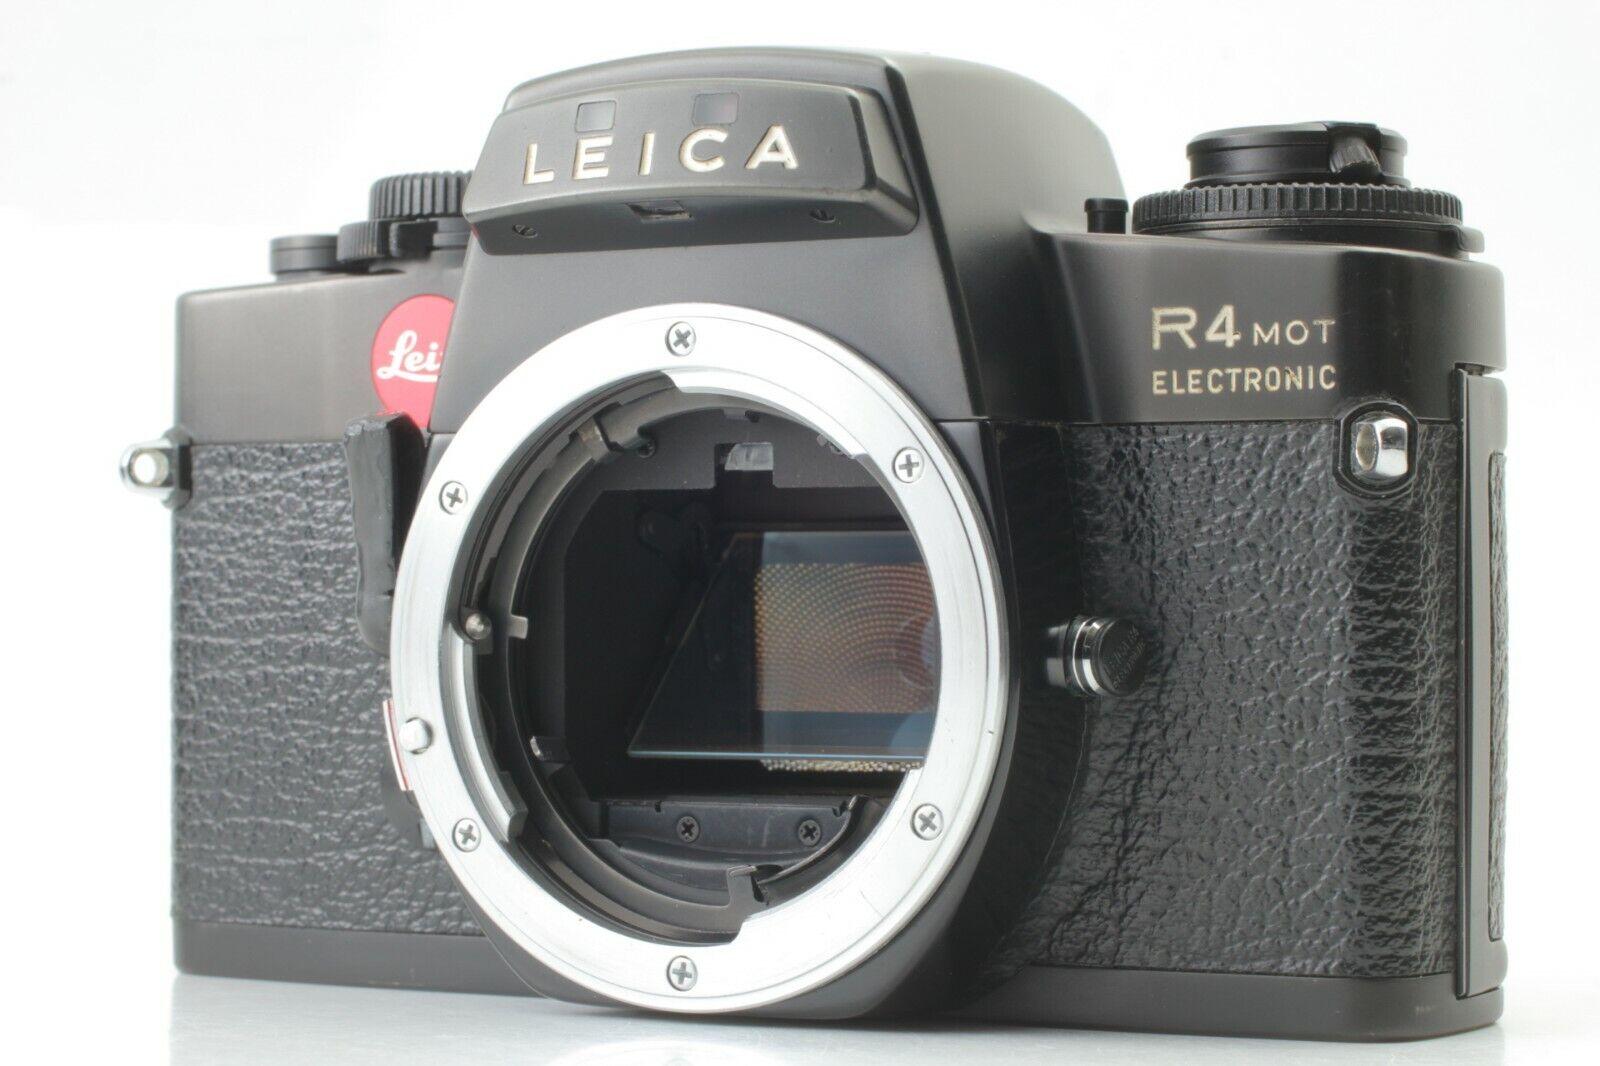 программы для пленочных фотоаппаратов как образ, котором